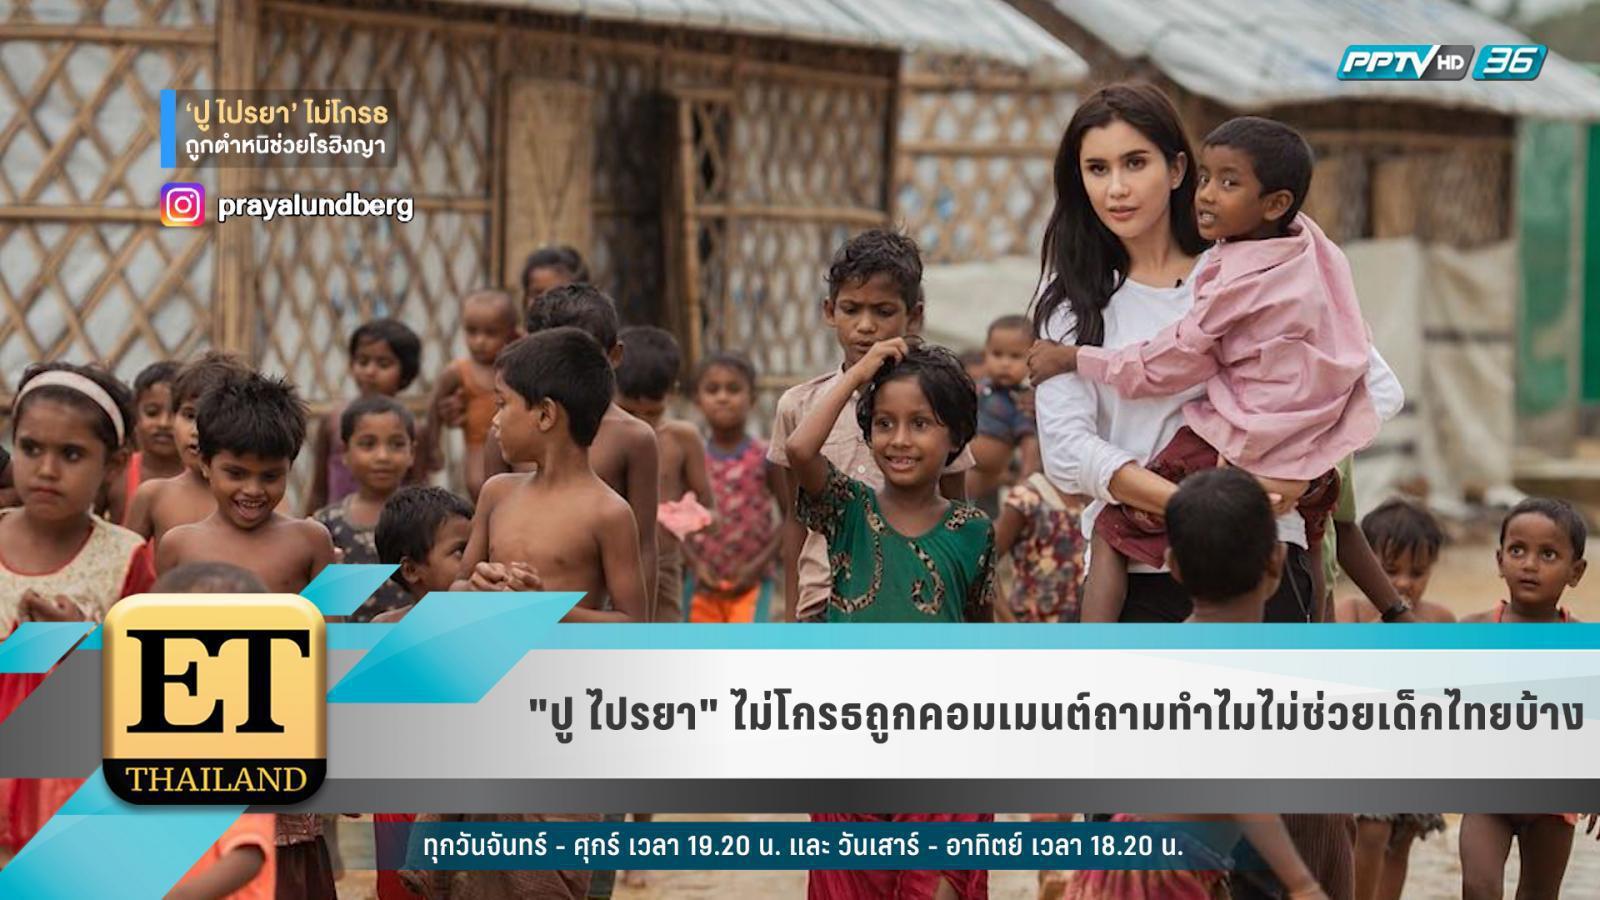 """""""ปู ไปรยา"""" ไม่โกรธถูกคอมเมนต์ถามทำไมไม่ช่วยเด็กไทยบ้าง"""